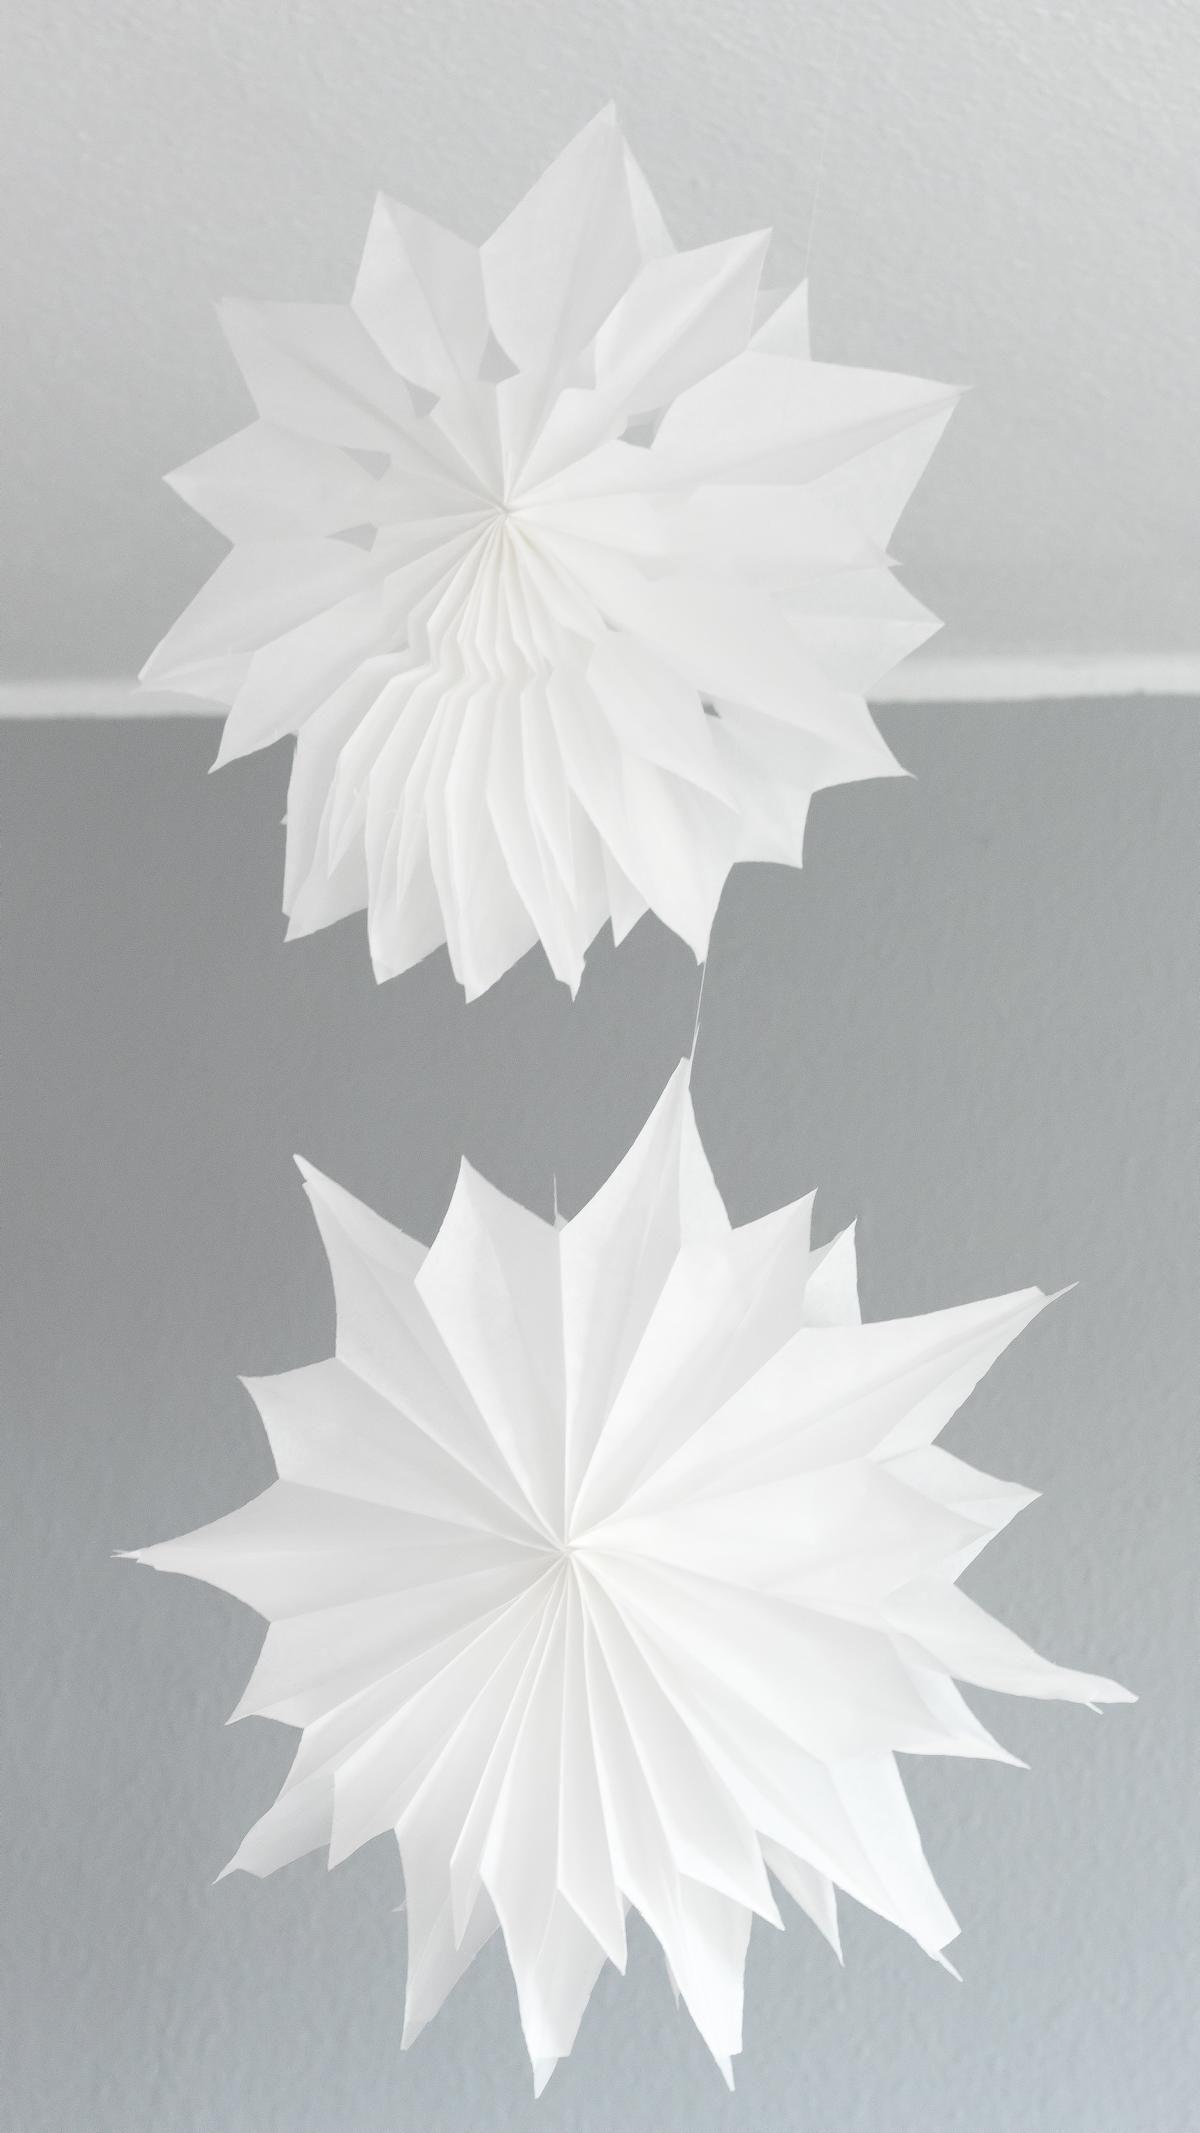 DIY Deko Sterne aus Papiertüten basteln - einfache Anleitung